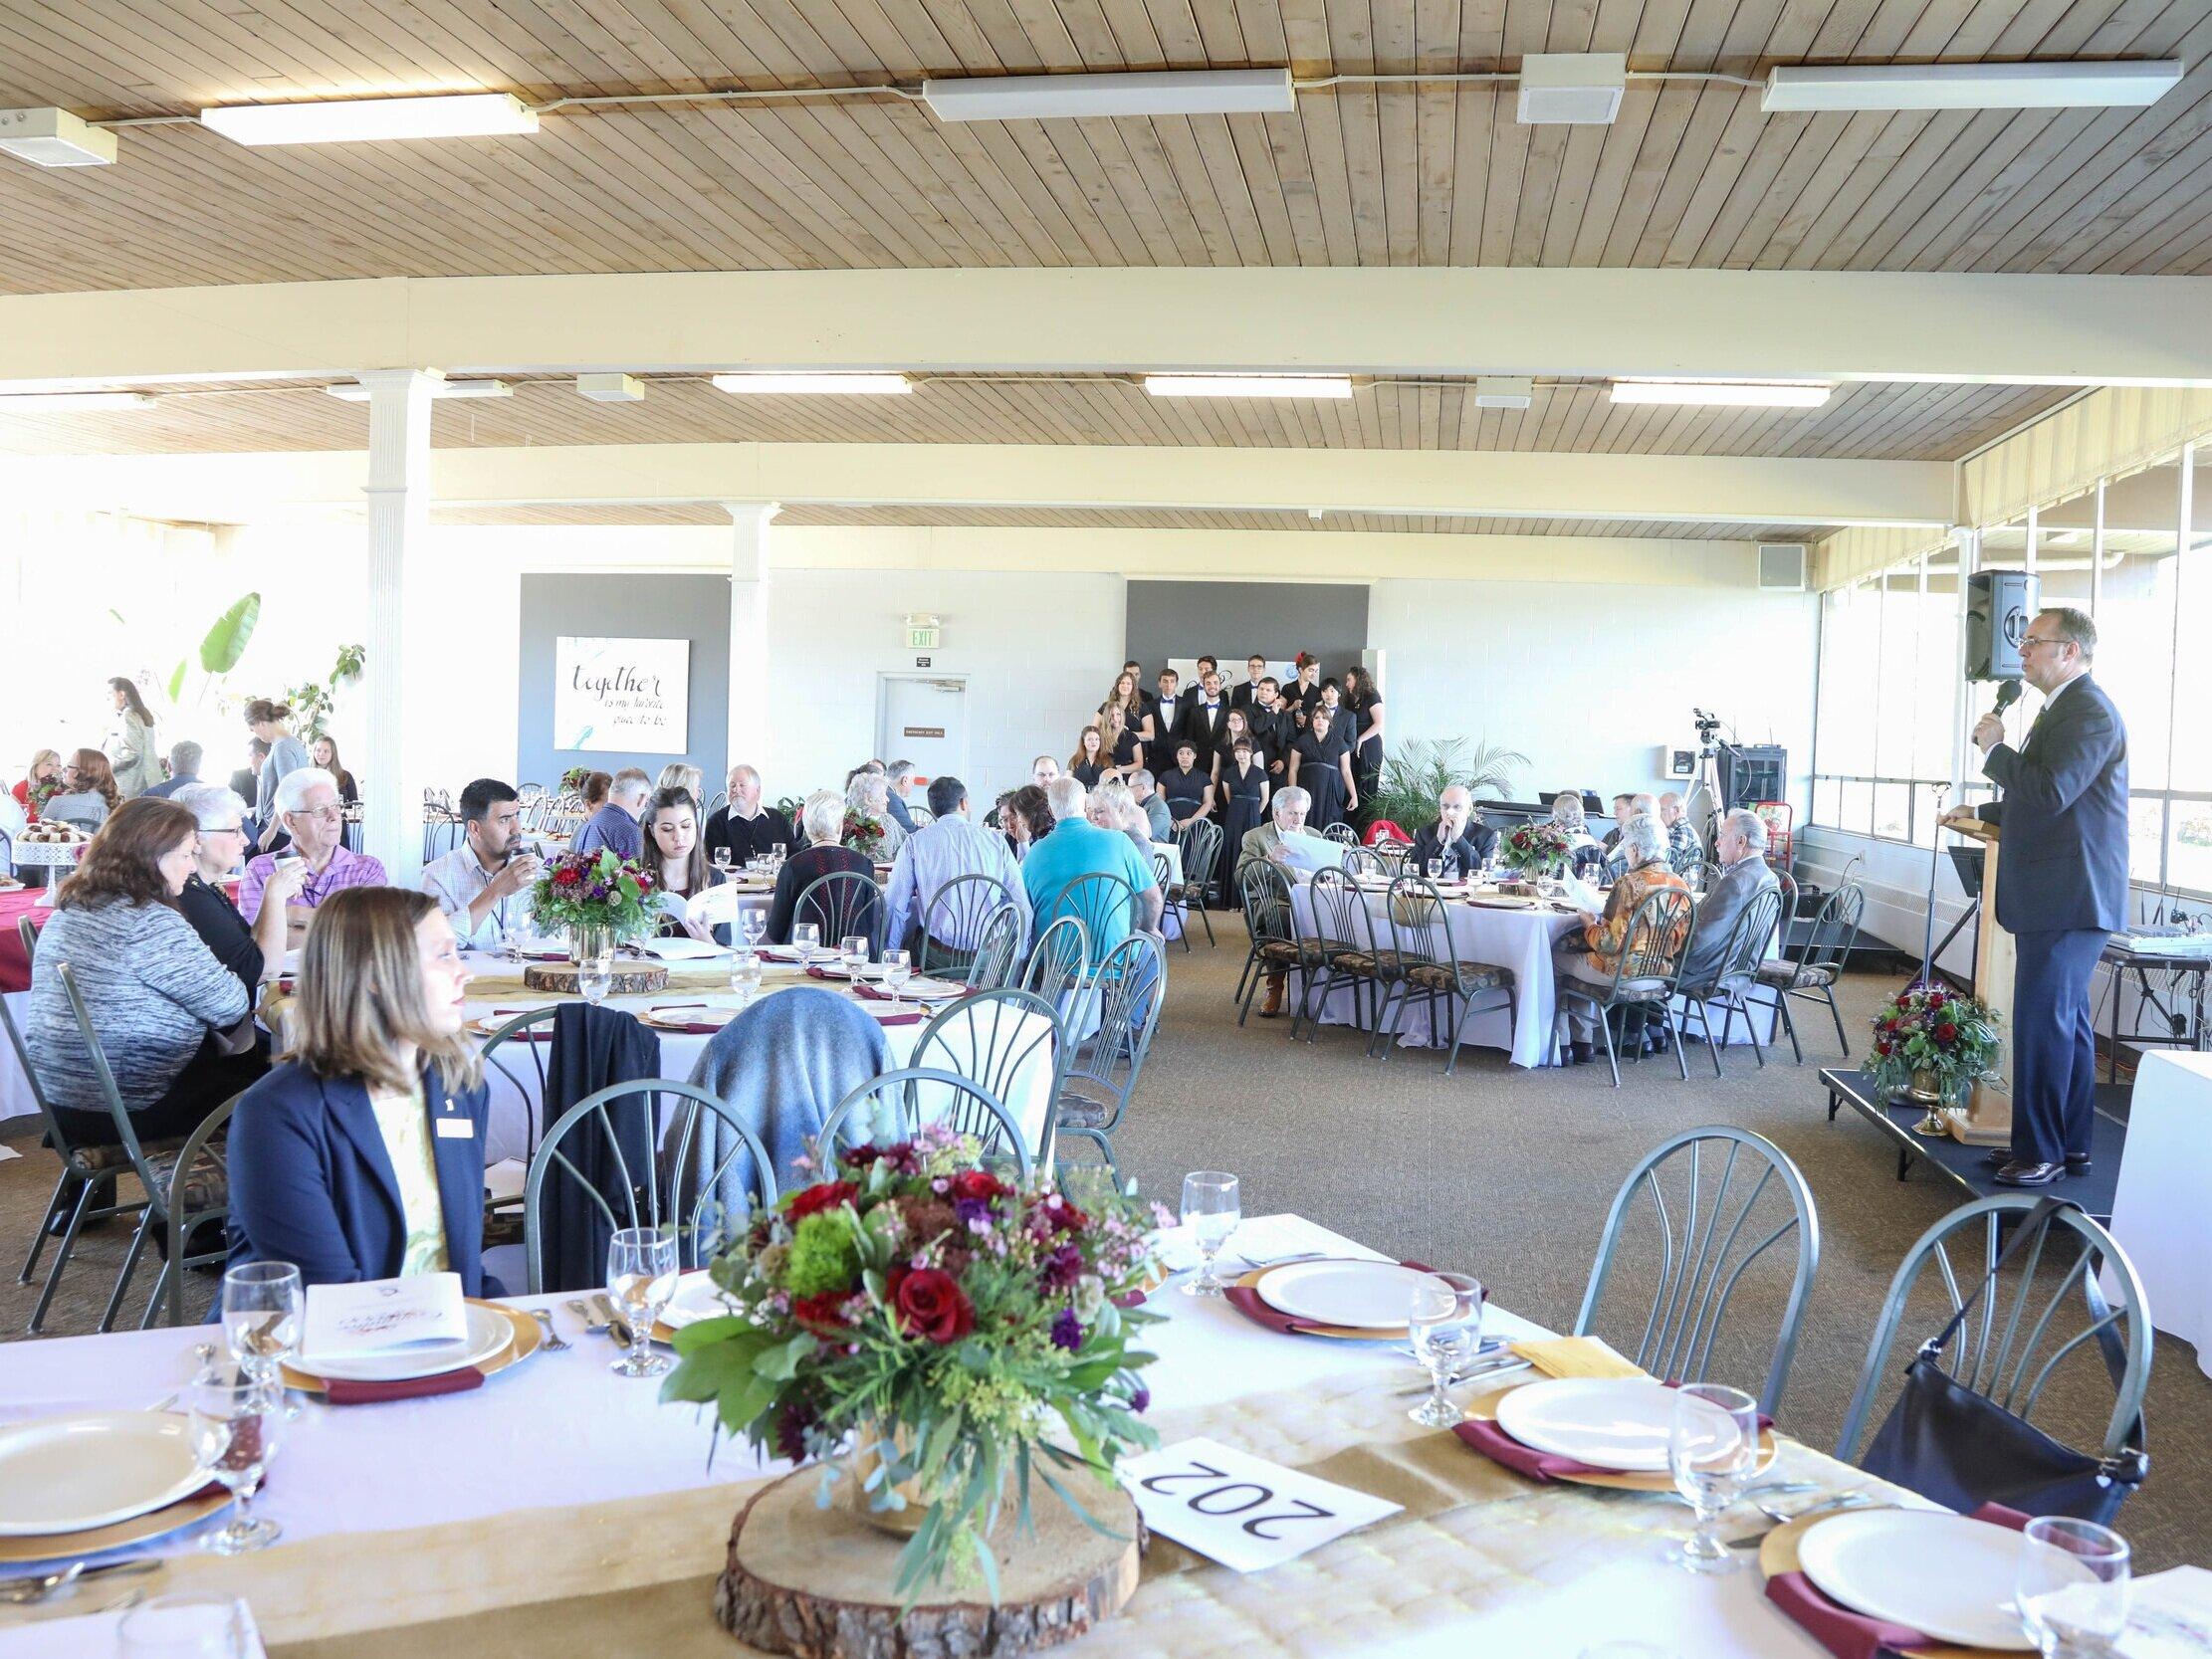 卓越委员会- 2020年10月18日年-卓越委员会(前100/200委员会)是由澳门太阳集团会的朋友和校友组成的团体,致力于对基督教教育的系统支持和持续发展. 每年,委员会的成员们都会聚在一起举行一场豪华的早午餐,举行他们的年度会议,在那里他们投票决定如何分配该年的卓越委员会的资金.